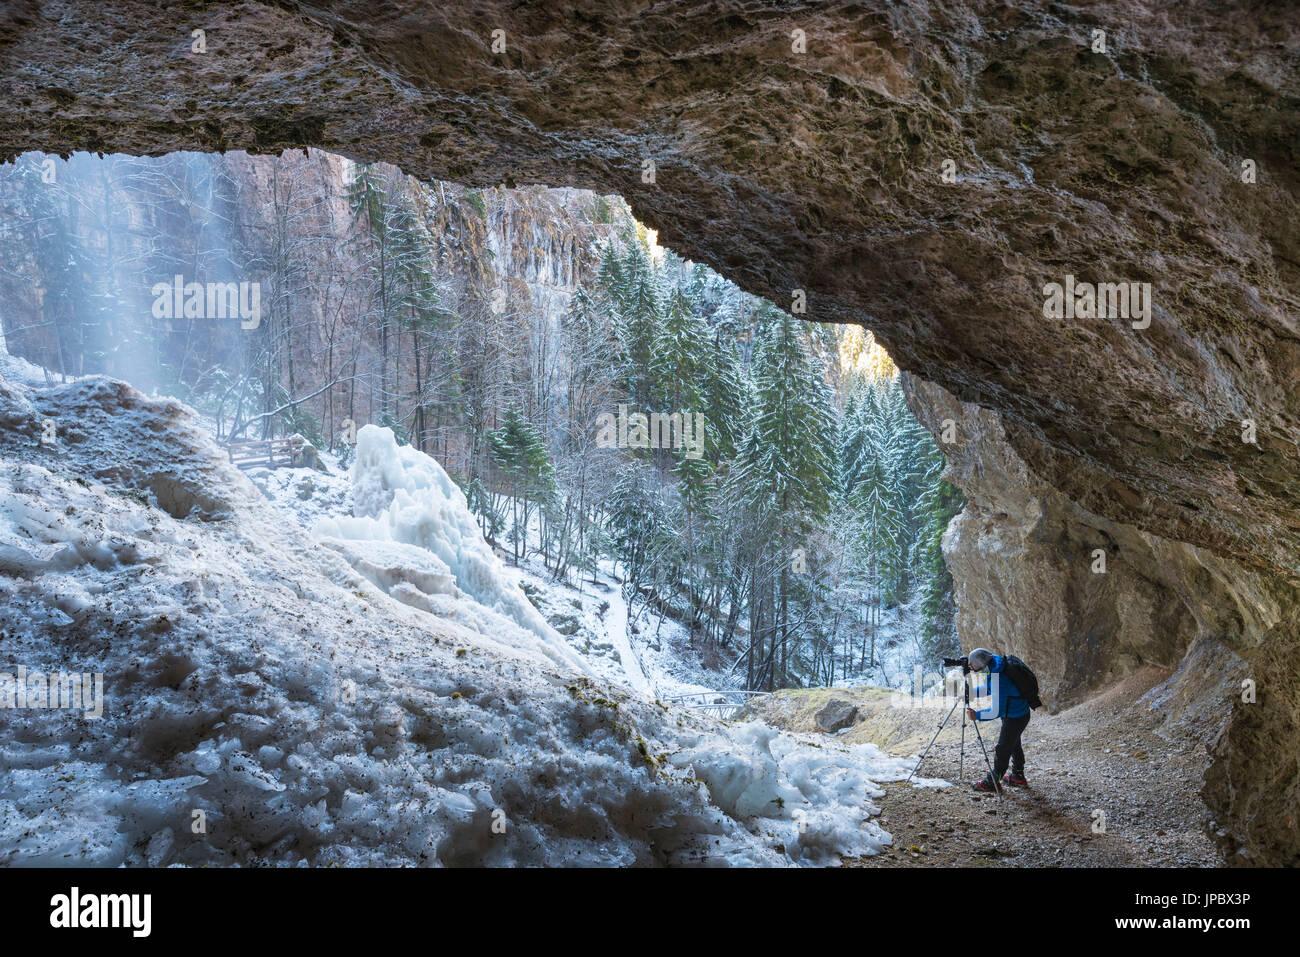 Cascata ghiacciata nella grotta Europa, Italia, Regione Trentino Alto Adige, Trento distretto, Val di Non, Tret city Immagini Stock